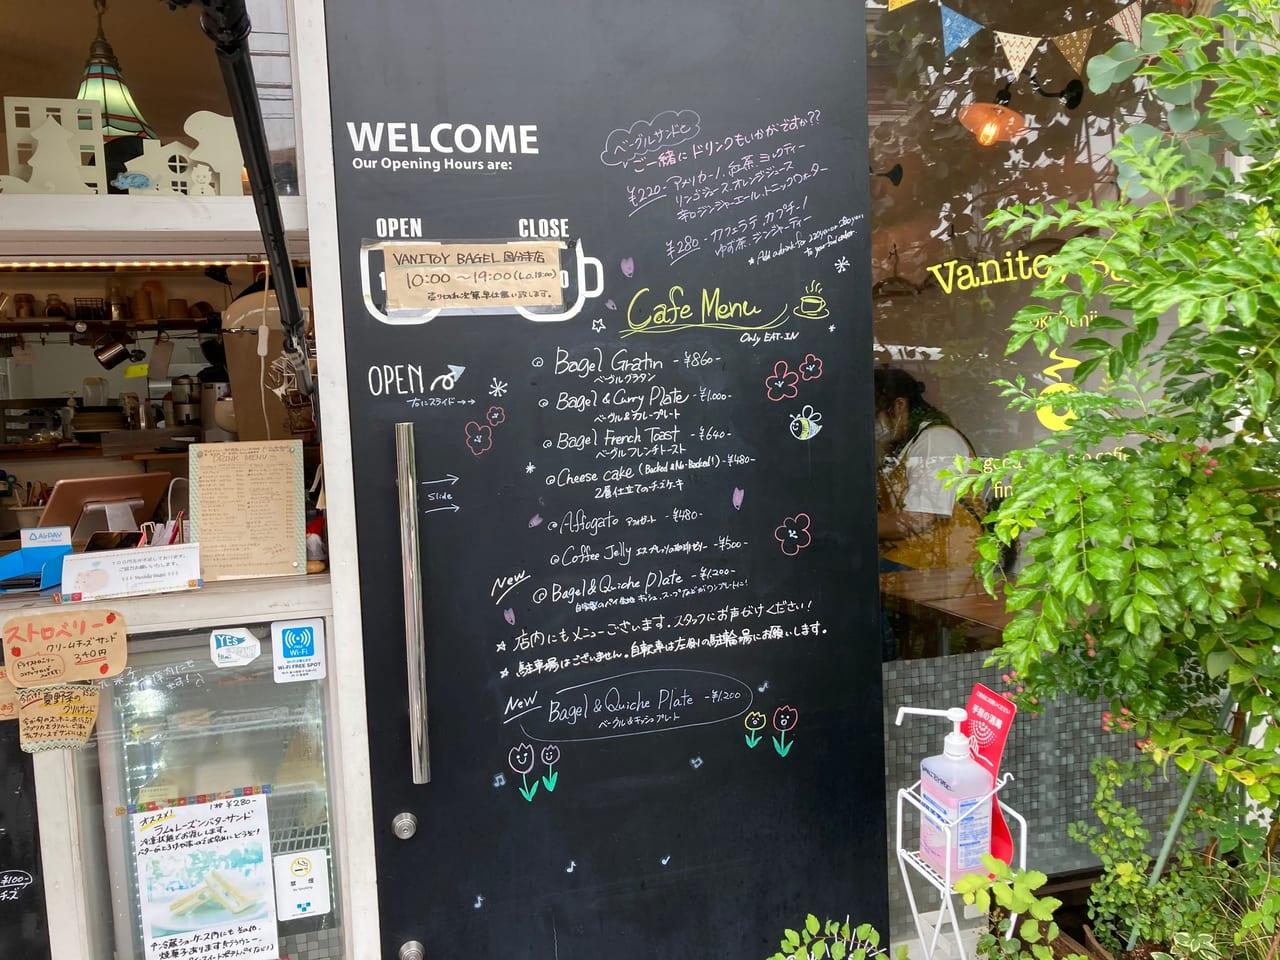 お昼には行列?!国分寺で大人気のベーグル店『バニトイベーグル』!!